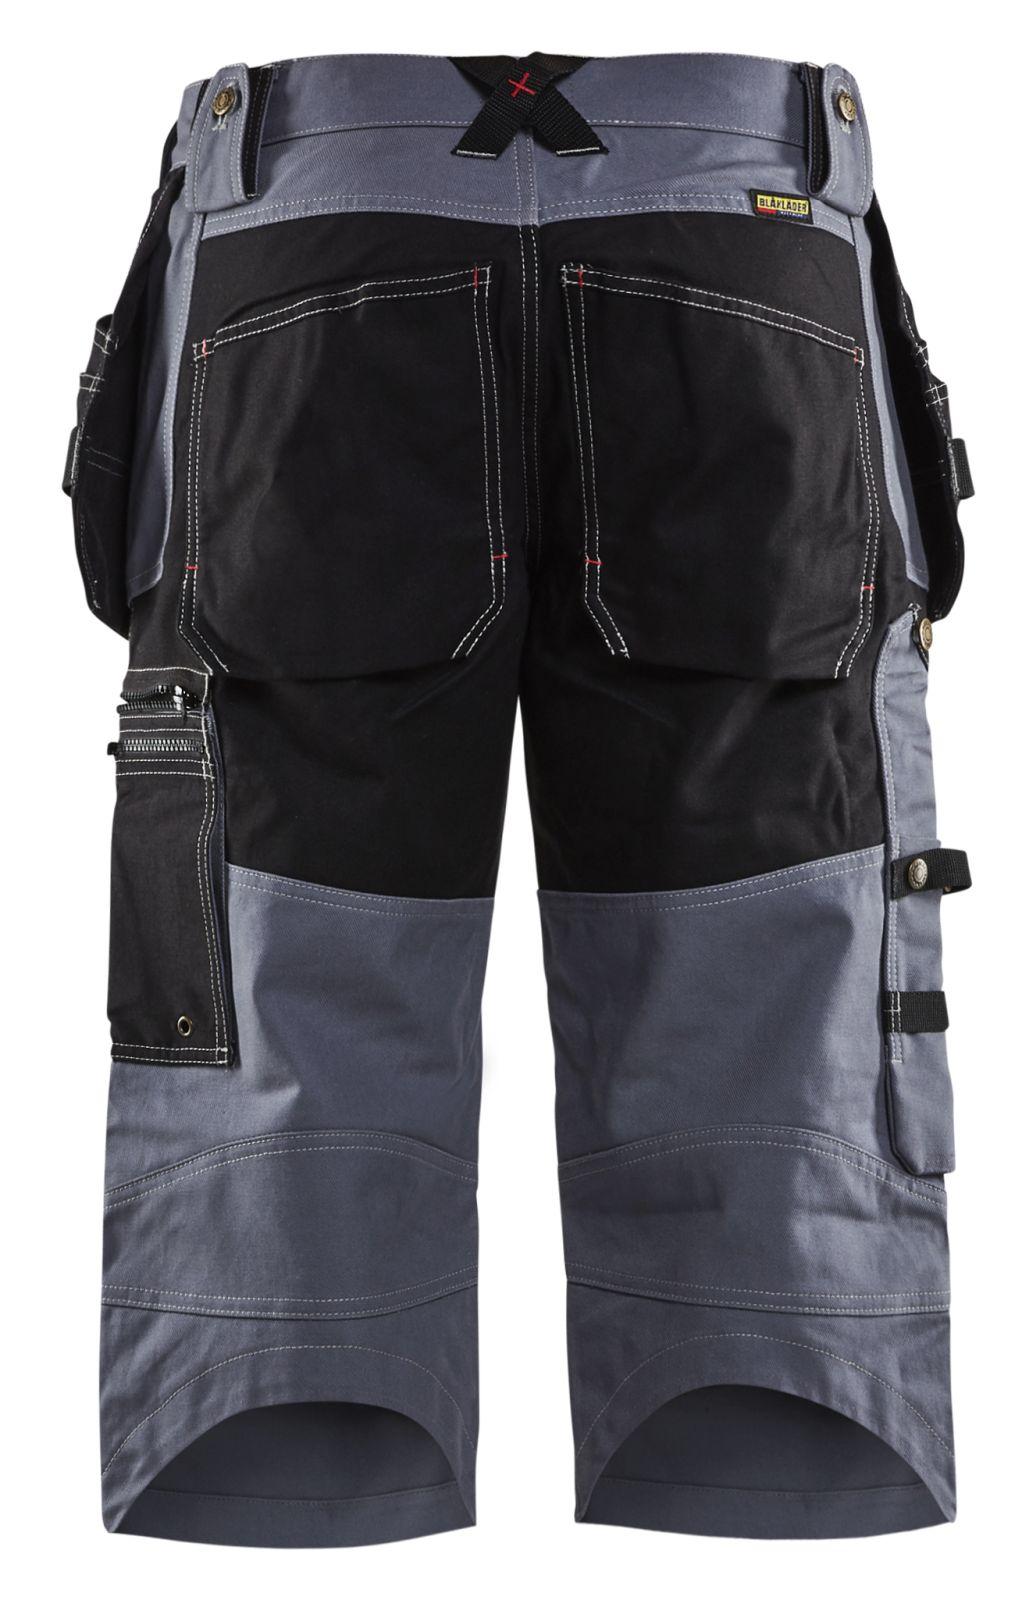 Blaklader Piraatbroeken 15011370 grijs-zwart(9499)